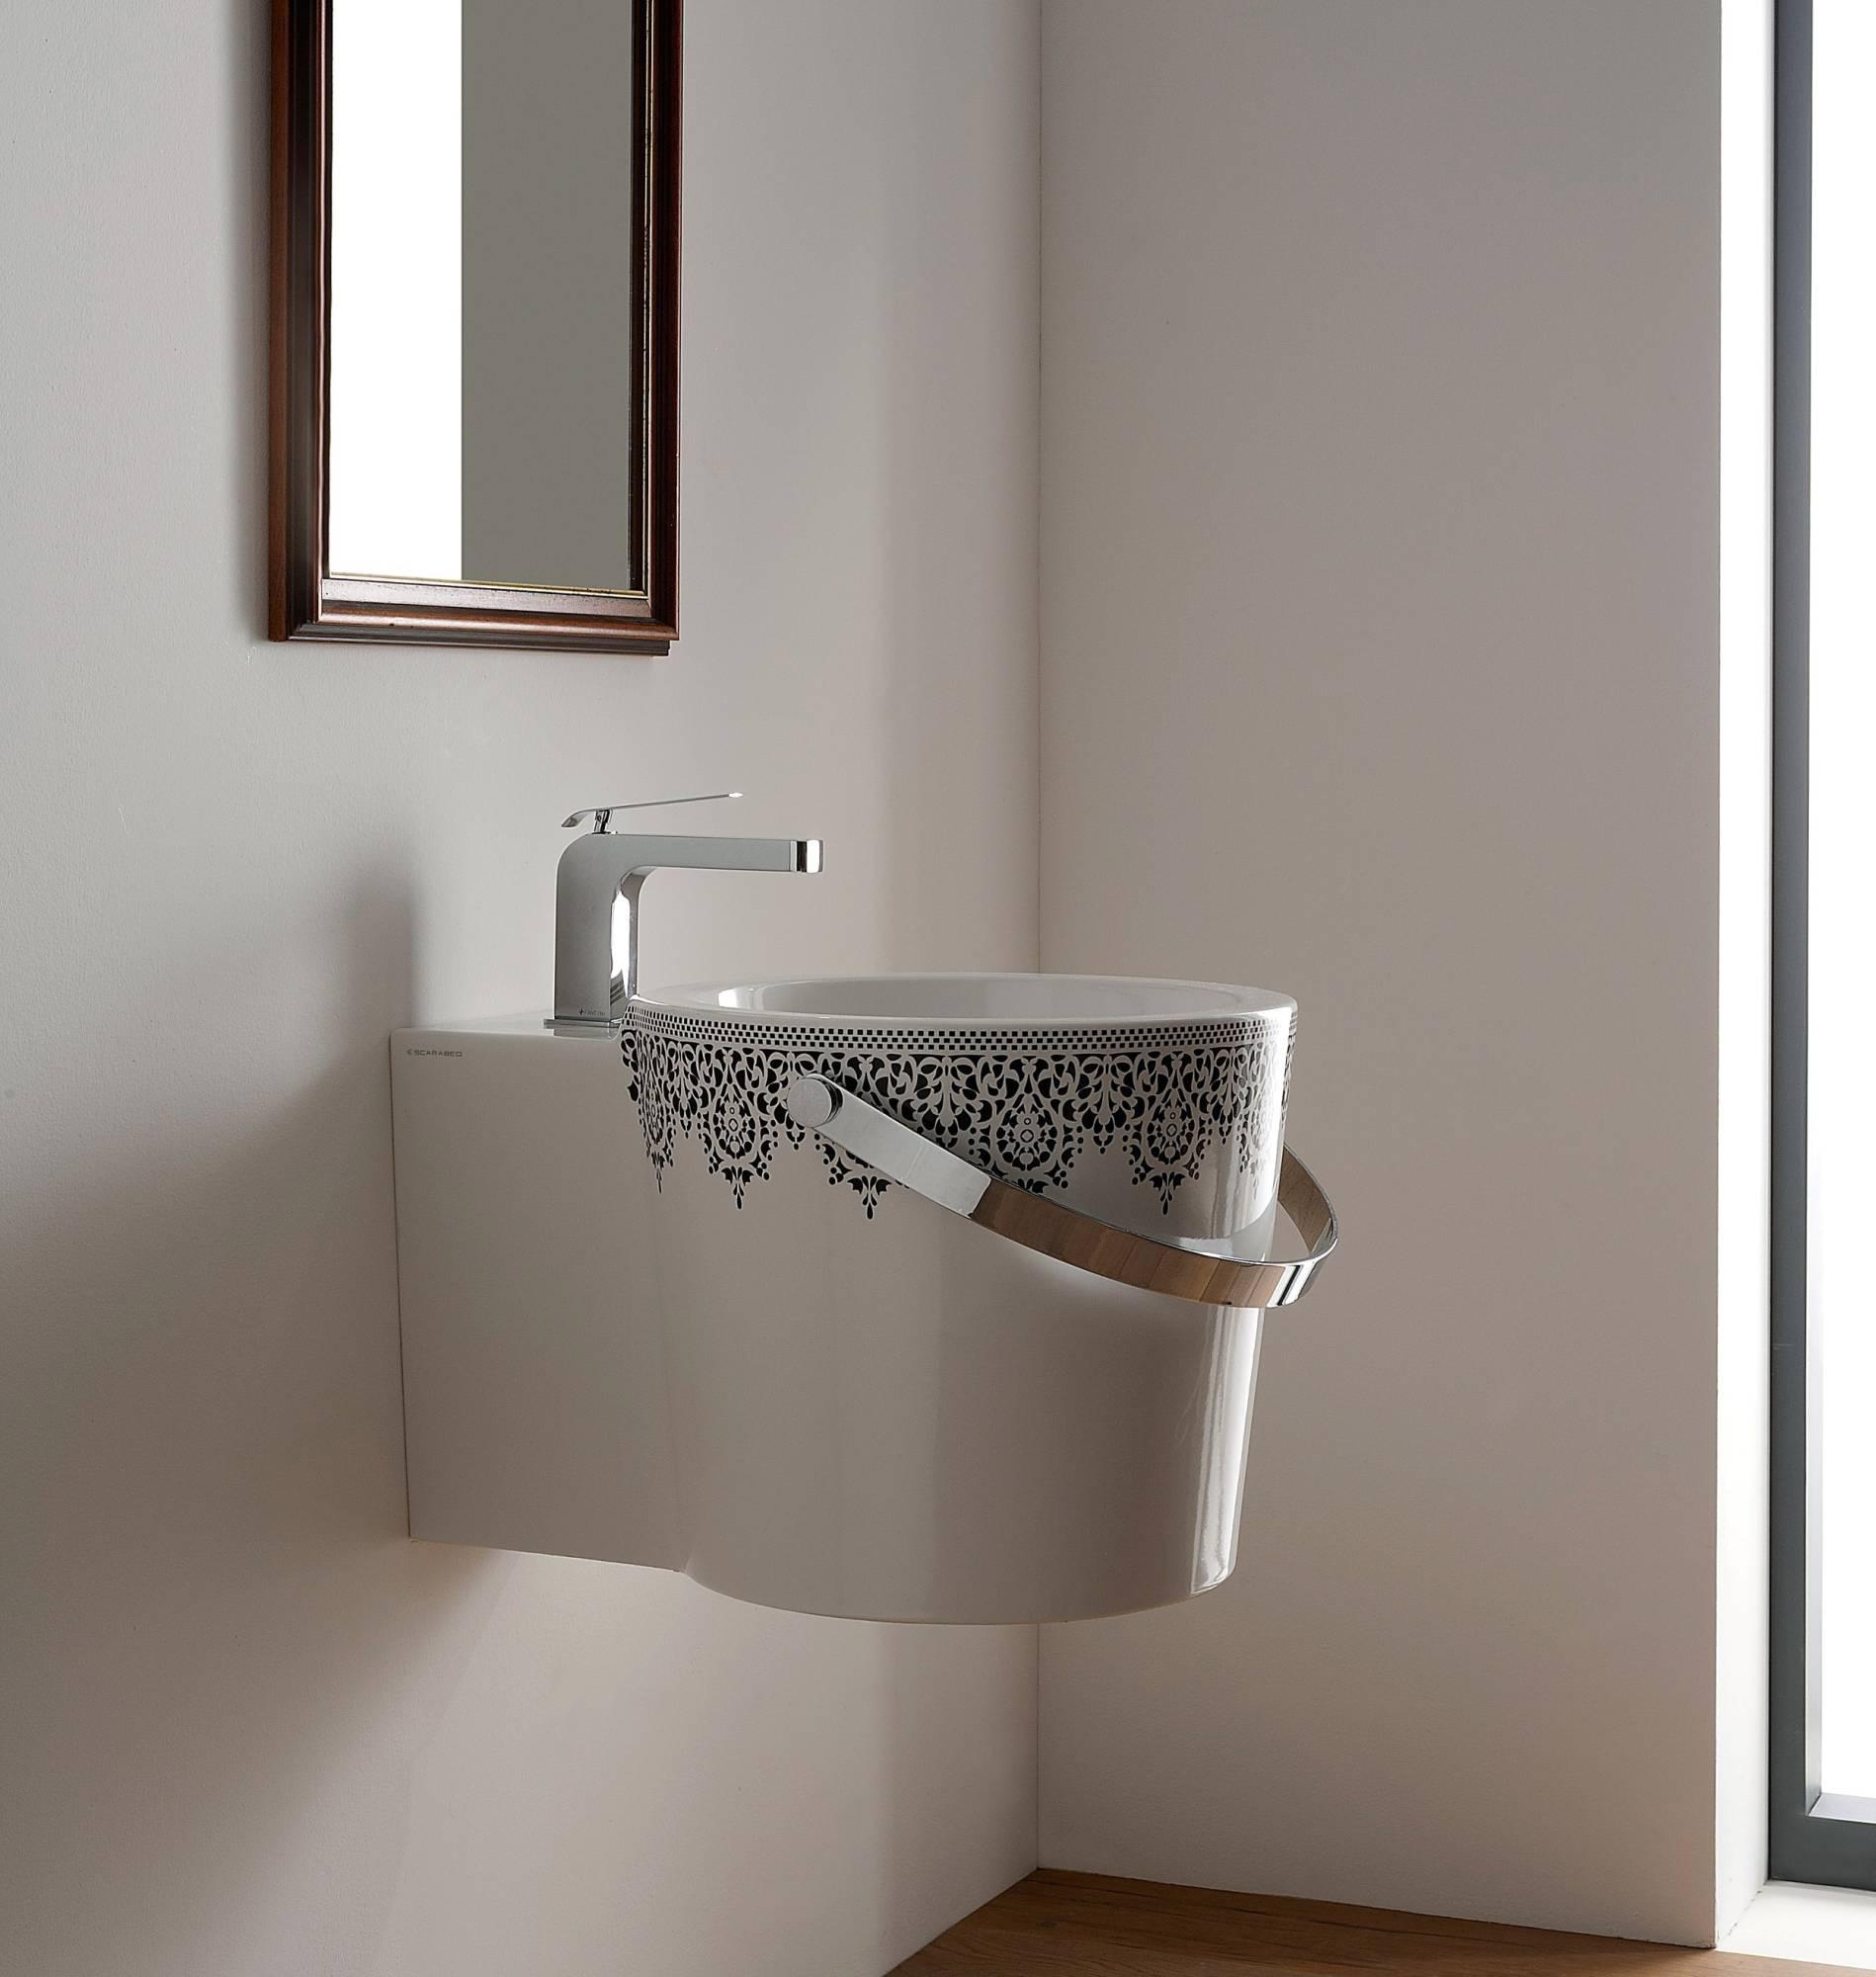 lavabo_da_appoggio_o_sospeso_bianco_decorato_colorato_scarabeo_bucket